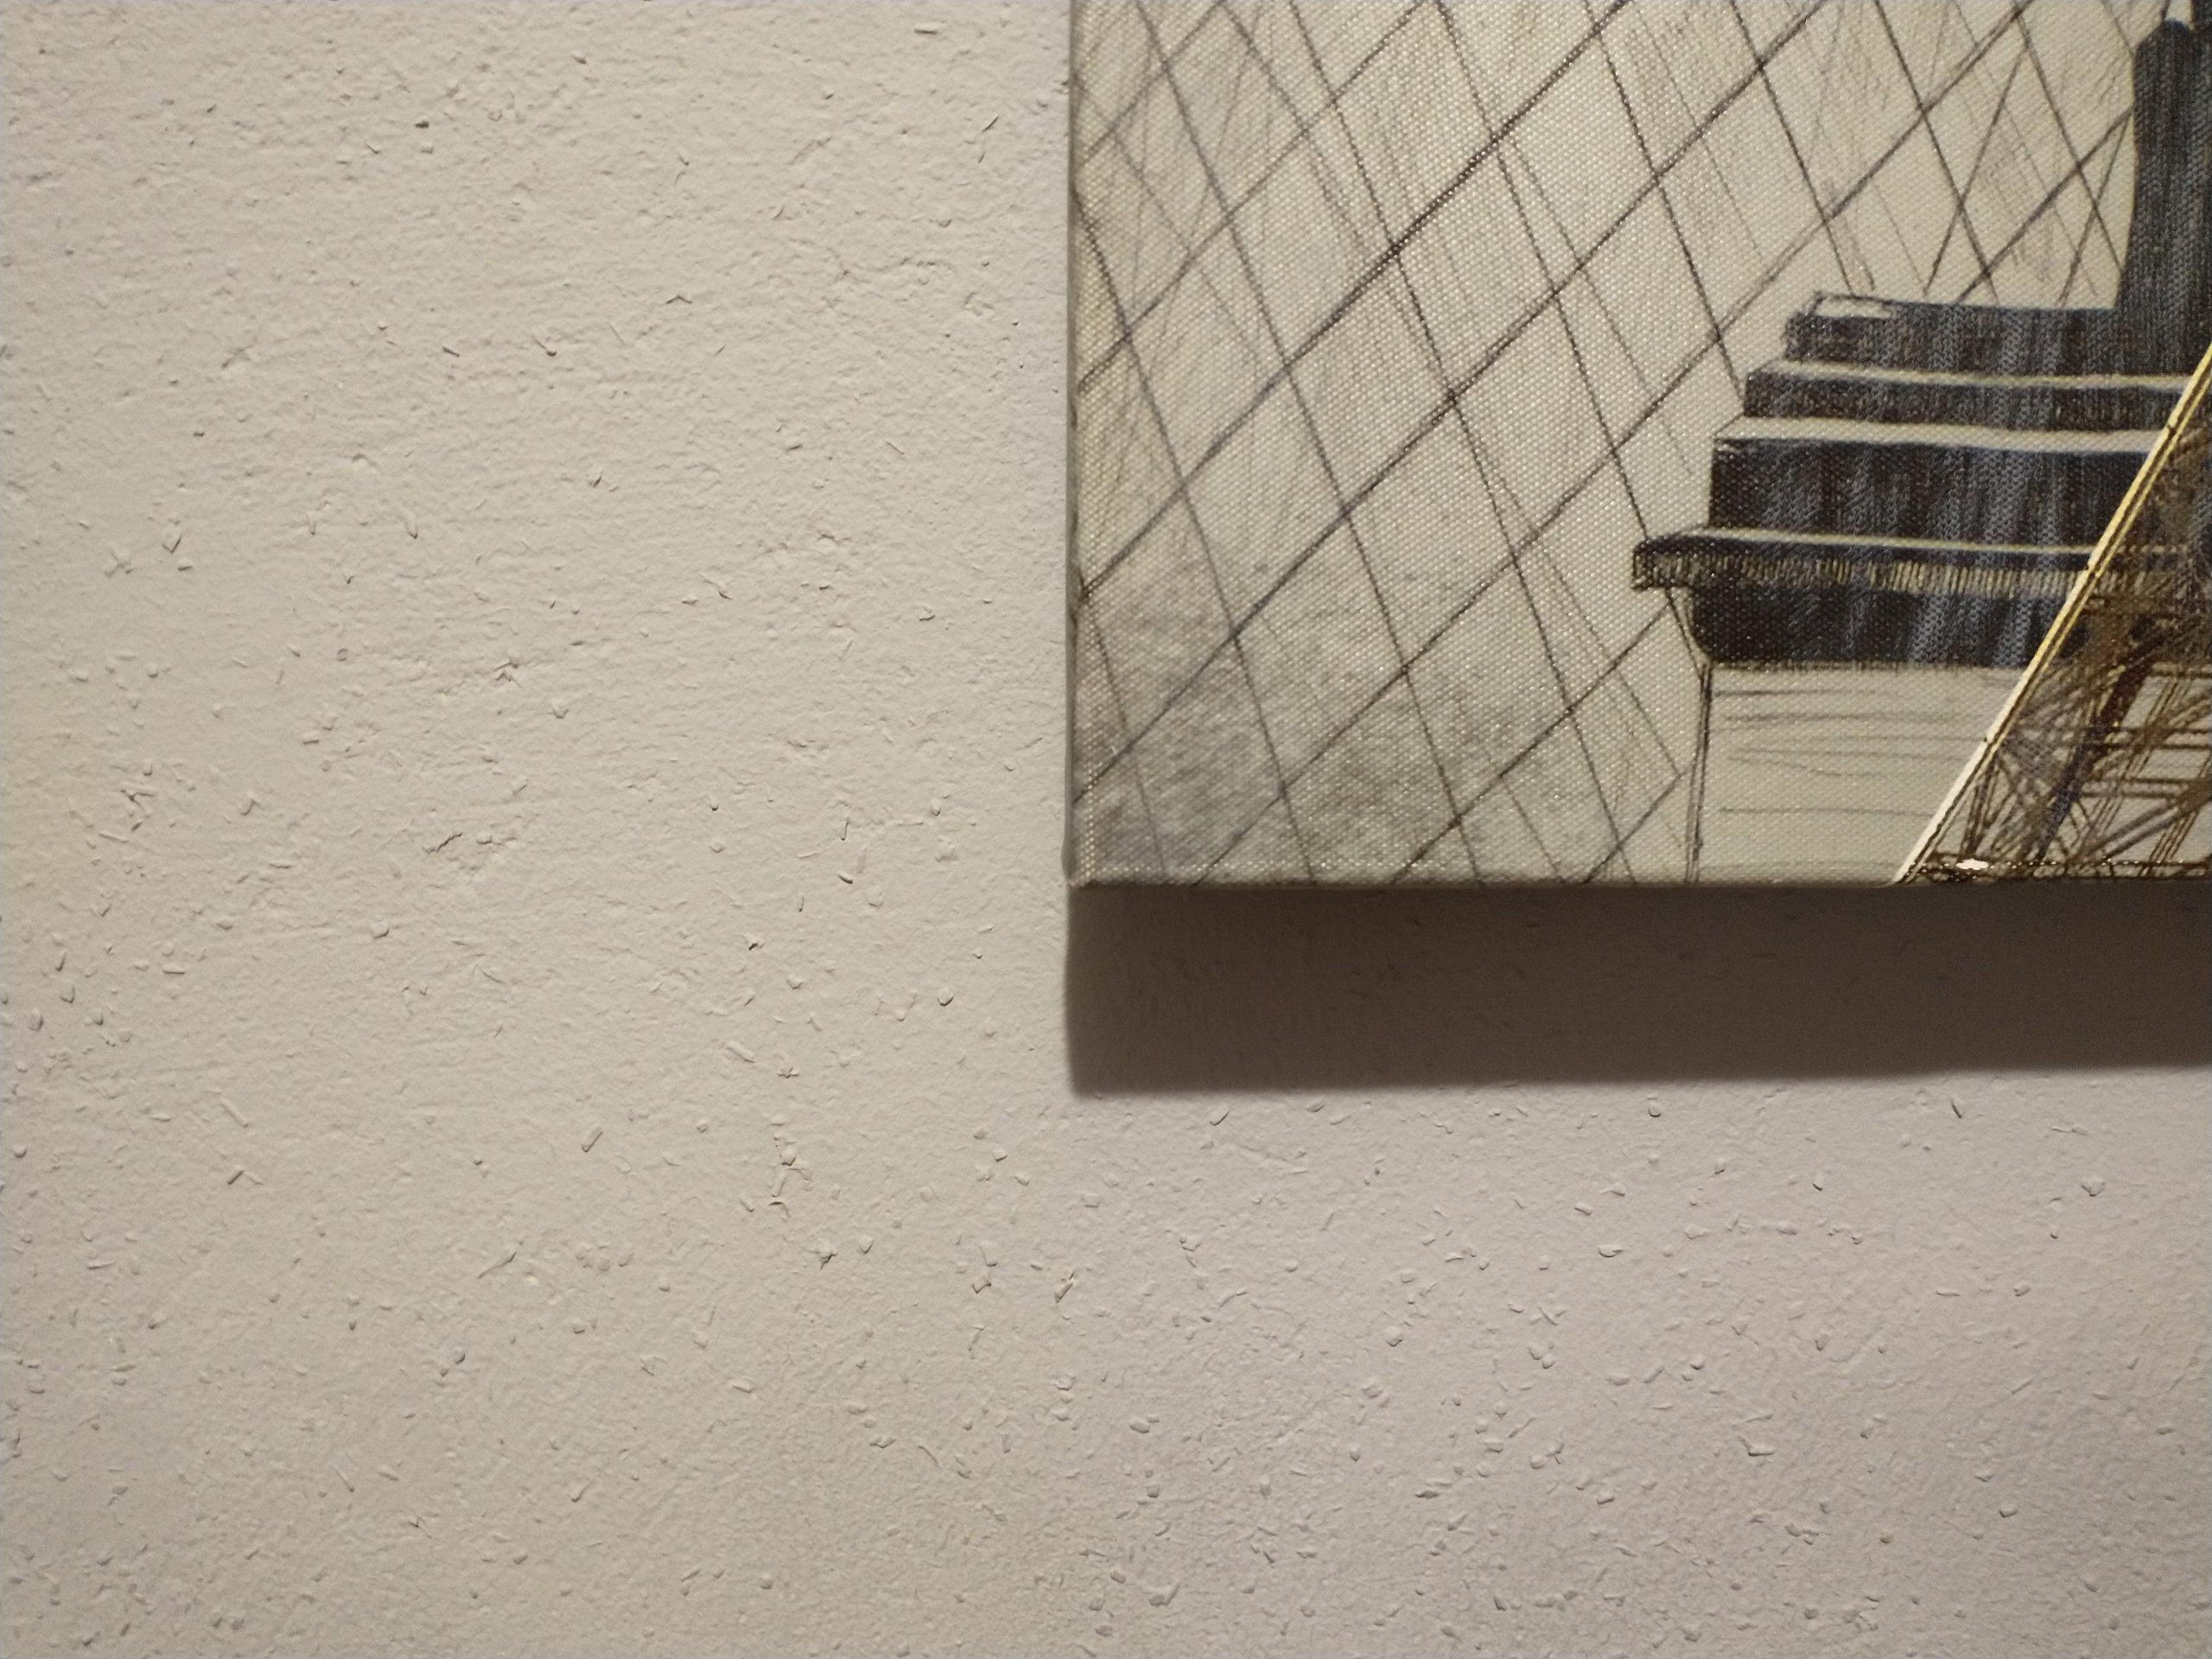 Zdjęcia w pomieszczeniu - Motorola Moto G8 Power